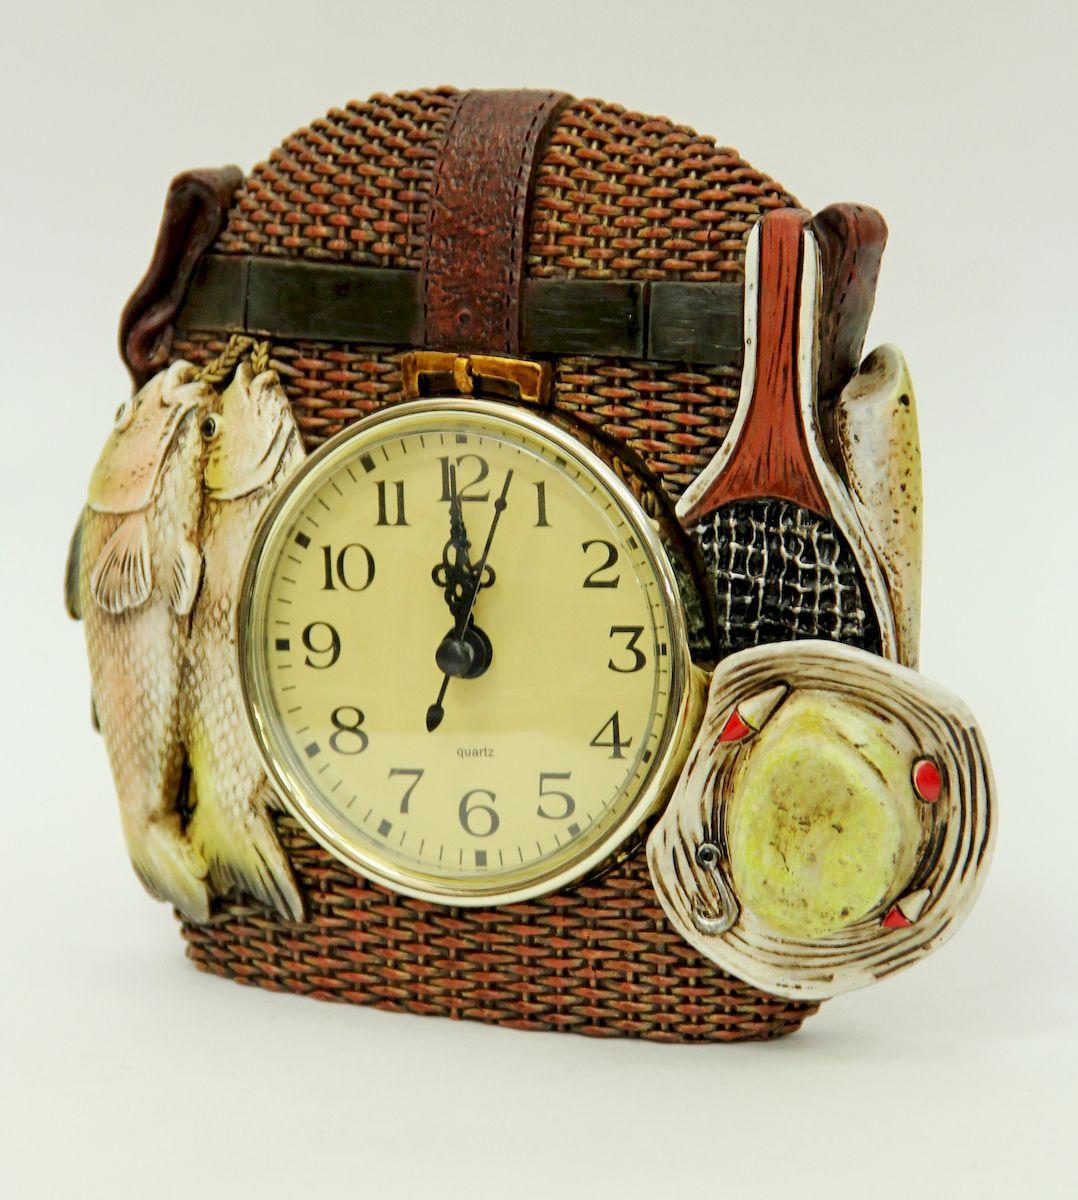 Часы настольные Magic Home Рыбалка. 4106097492Настольные кварцевые часы Magic Home Рыбалка изготовлены из полирезина, циферблат изготовлен из прочного пластика. Настольные часы Magic Home Рыбалка прекрасно оформят интерьер дома или рабочий стол в офисе.Элемент питания не входит в комплект.